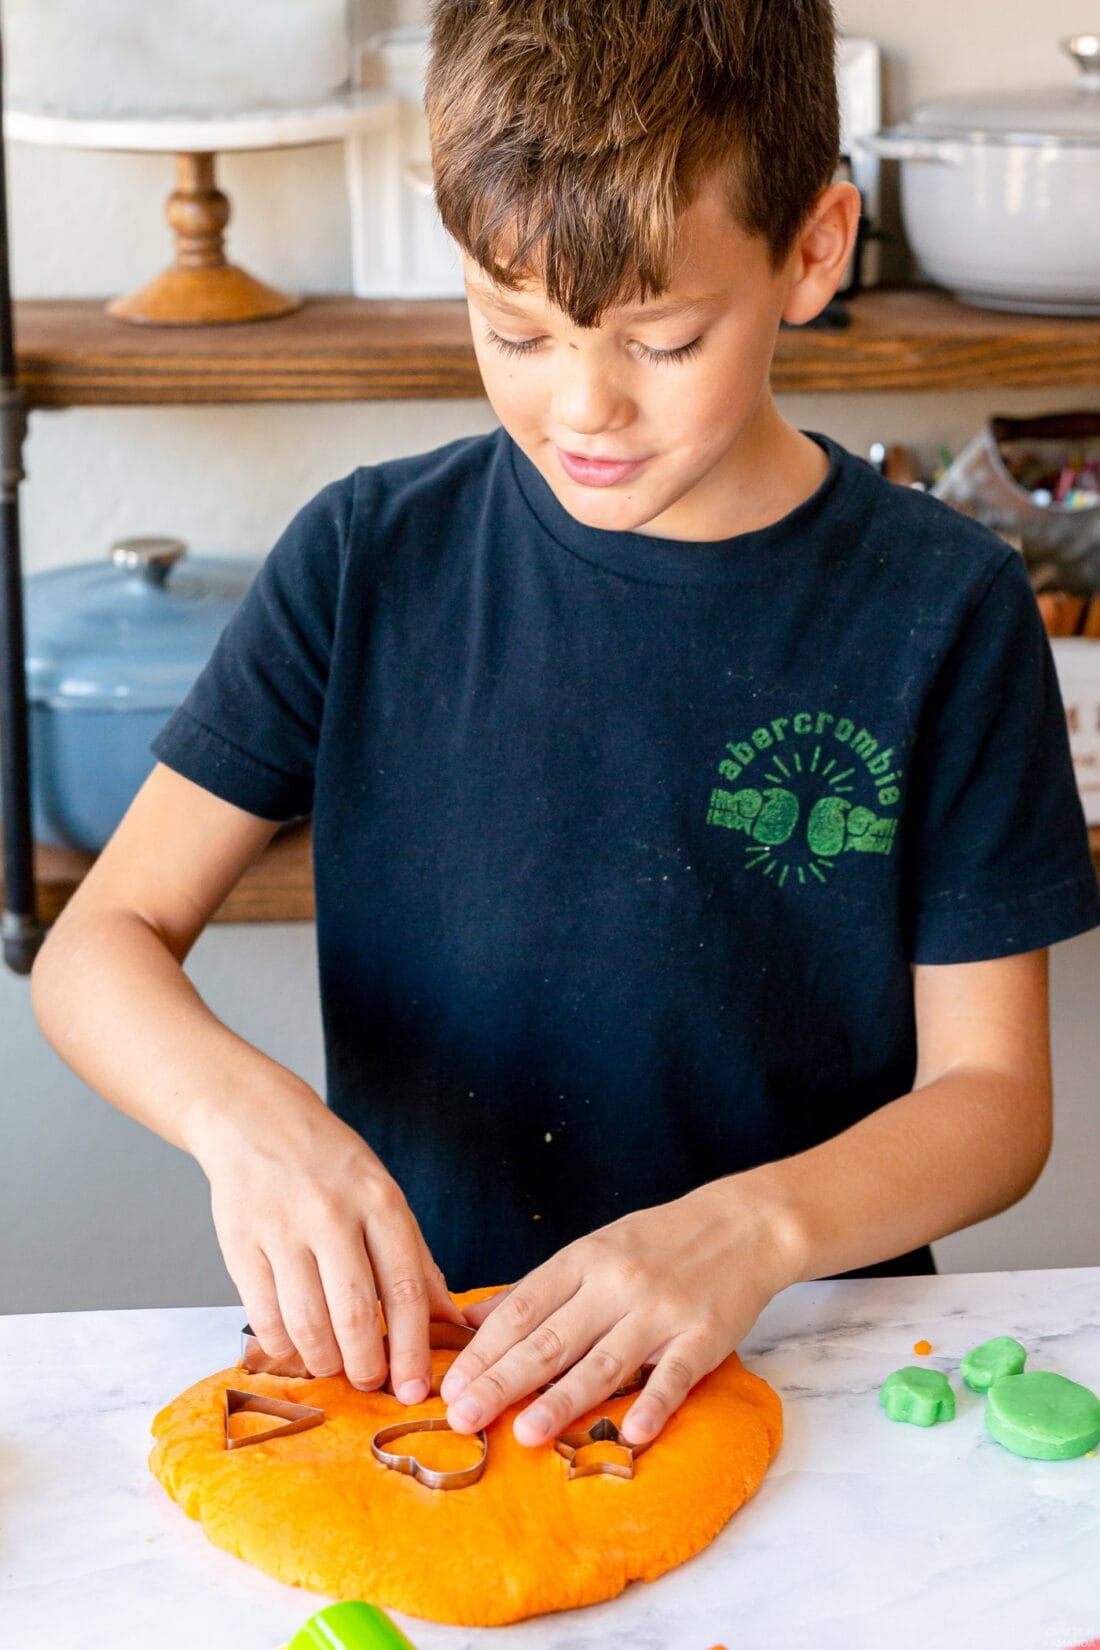 jongen die koekjesvormpjes gebruikt op deeg